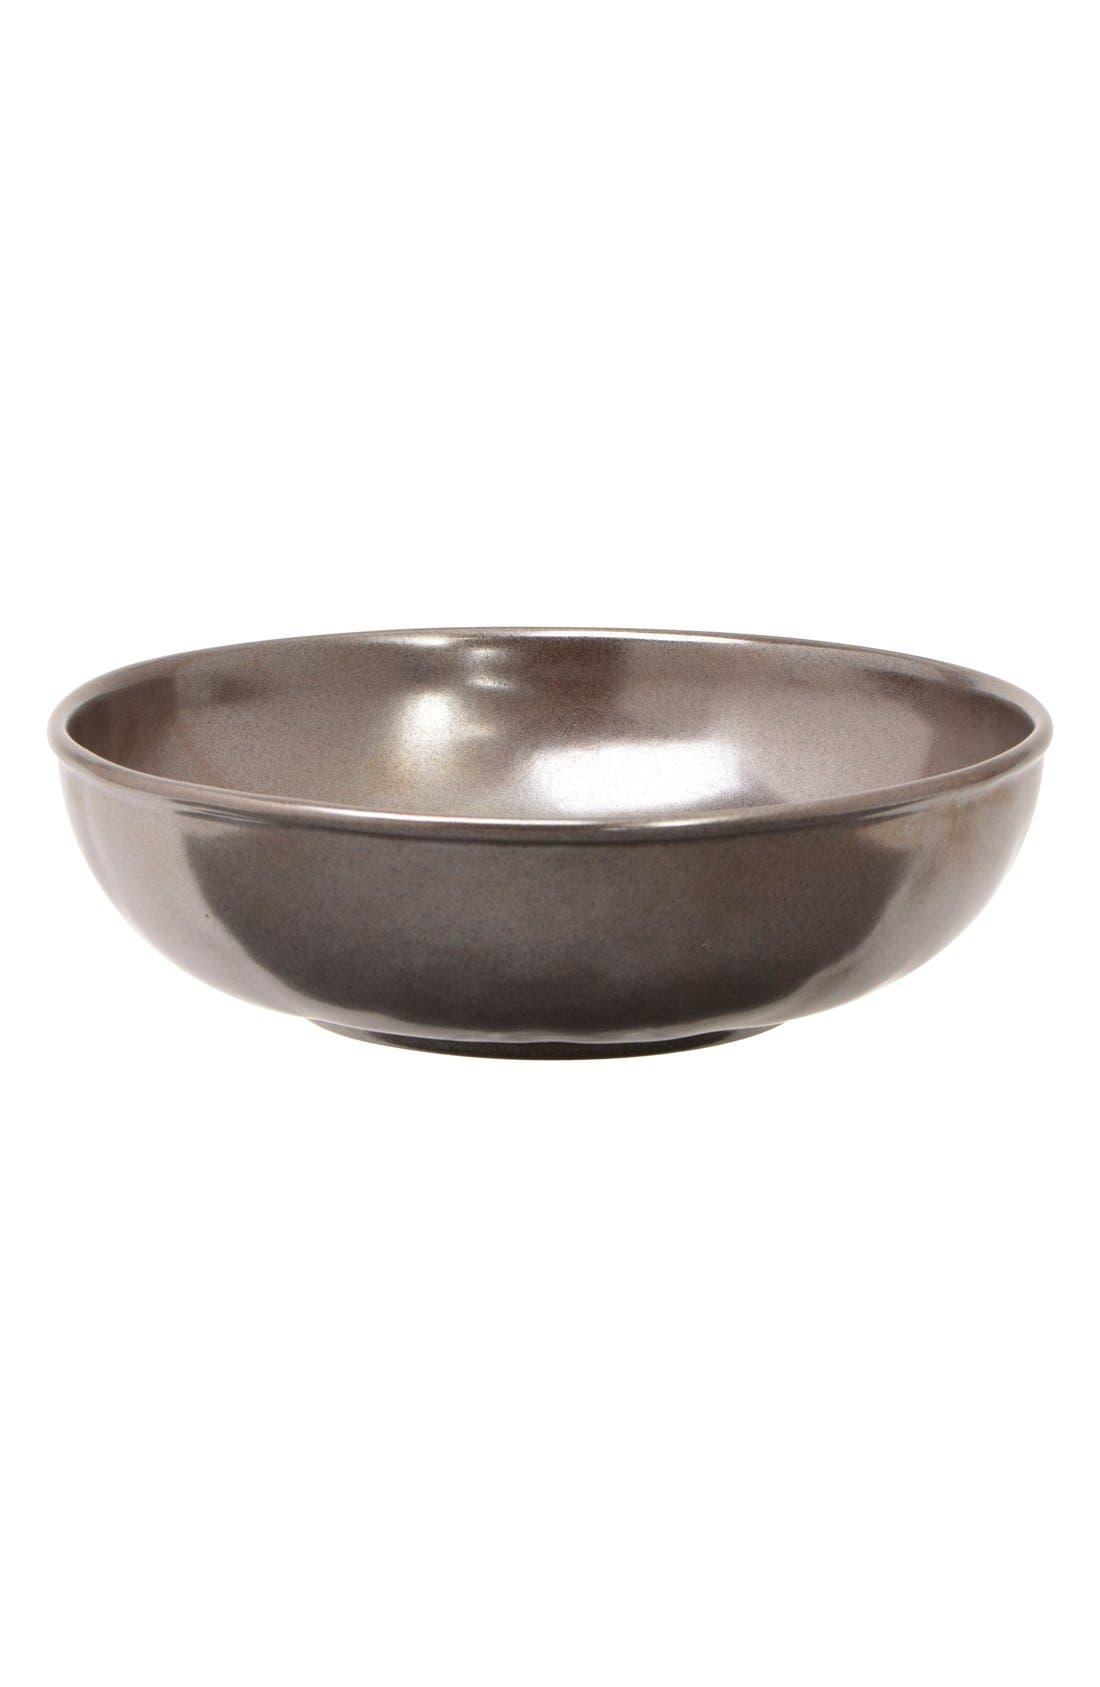 JULISKA 'Pewter' Stoneware Soup Bowl